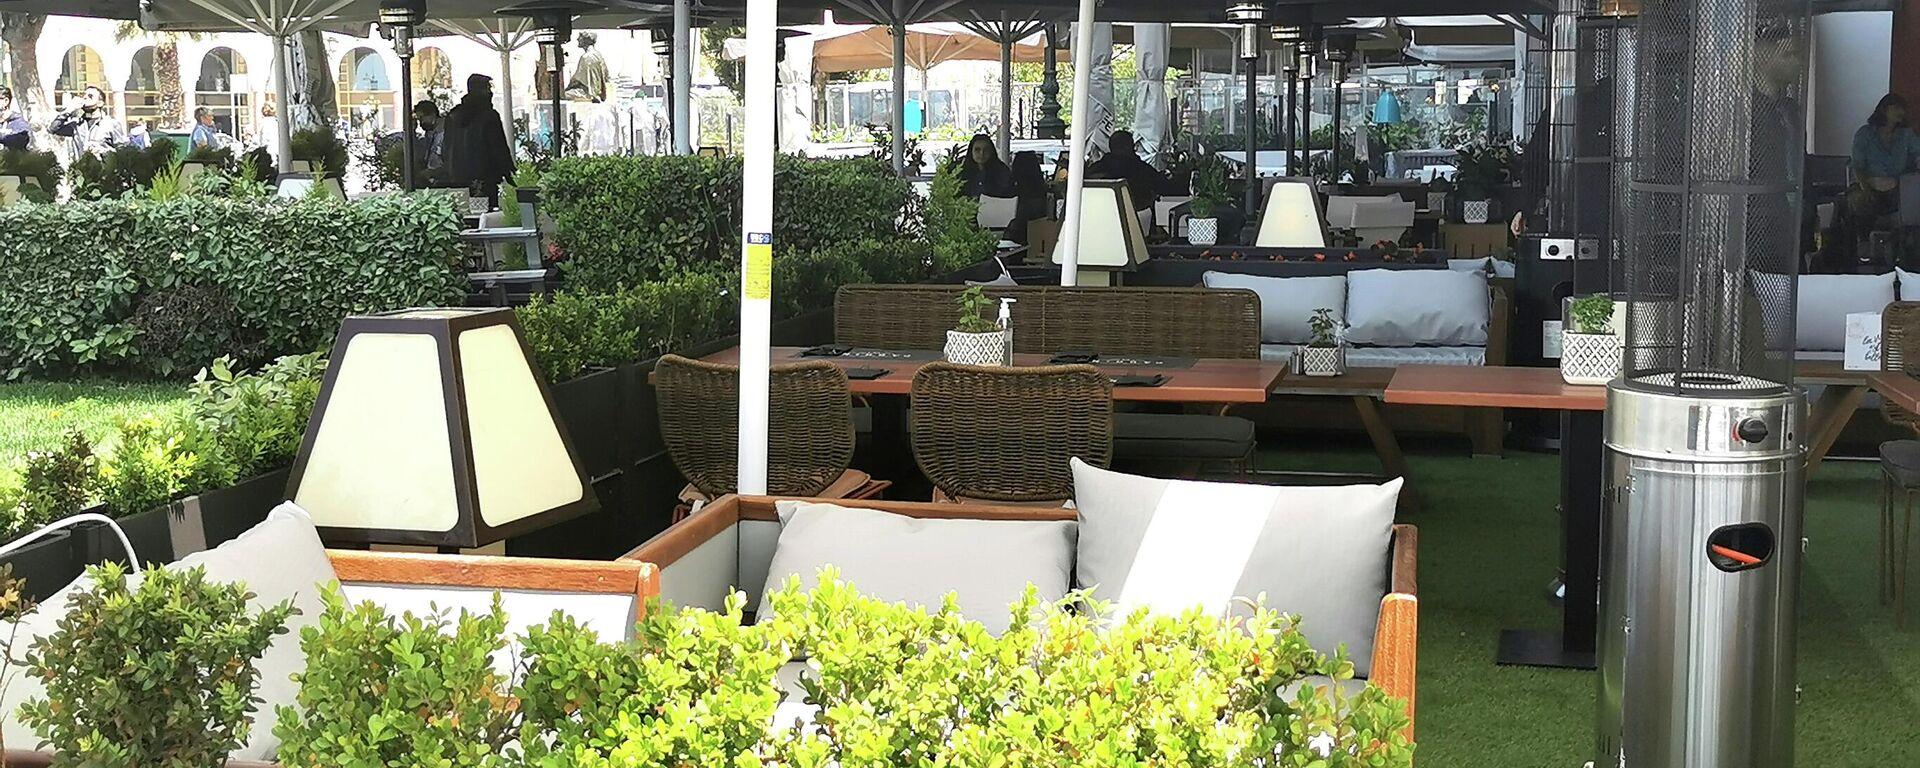 Καφετέρια στην πλατεία Αριστοτέλους στη Θεσσαλονίκη - Sputnik Ελλάδα, 1920, 07.10.2021